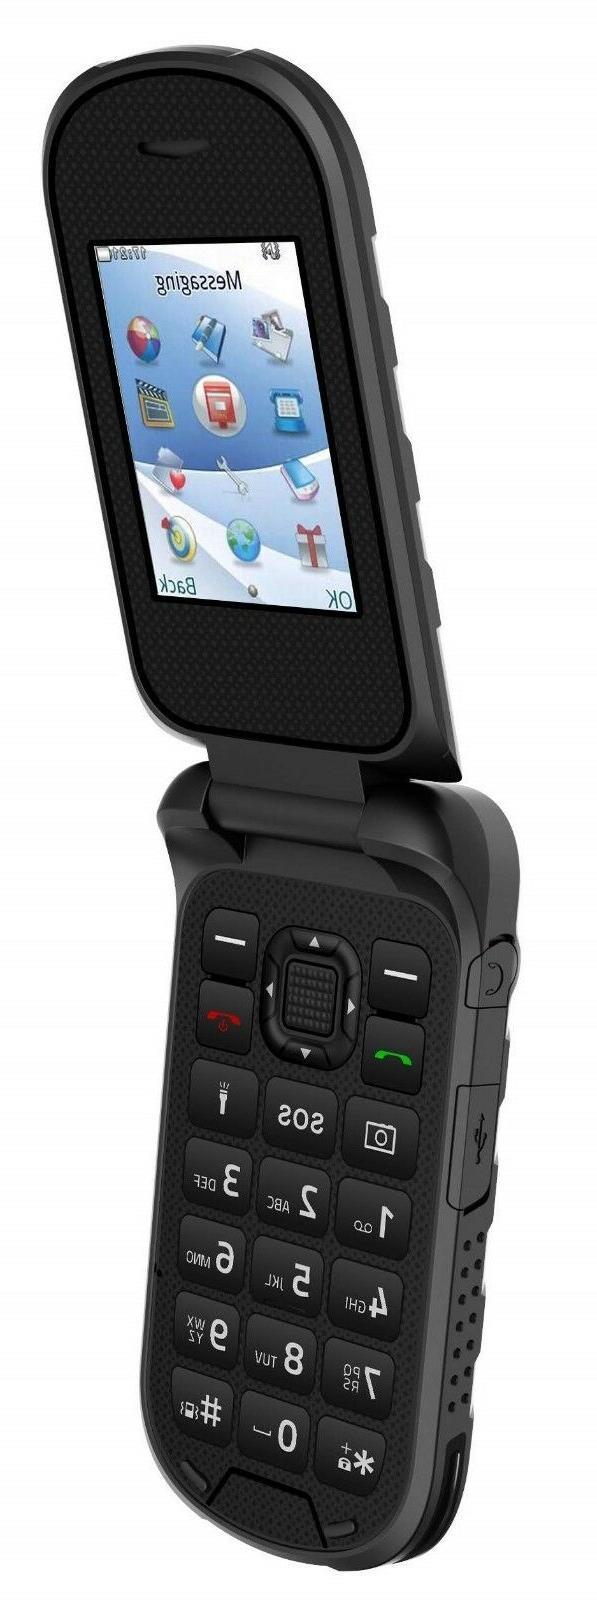 Flip Phone Unlocked ATT Tmobile Straight Simple Walmart